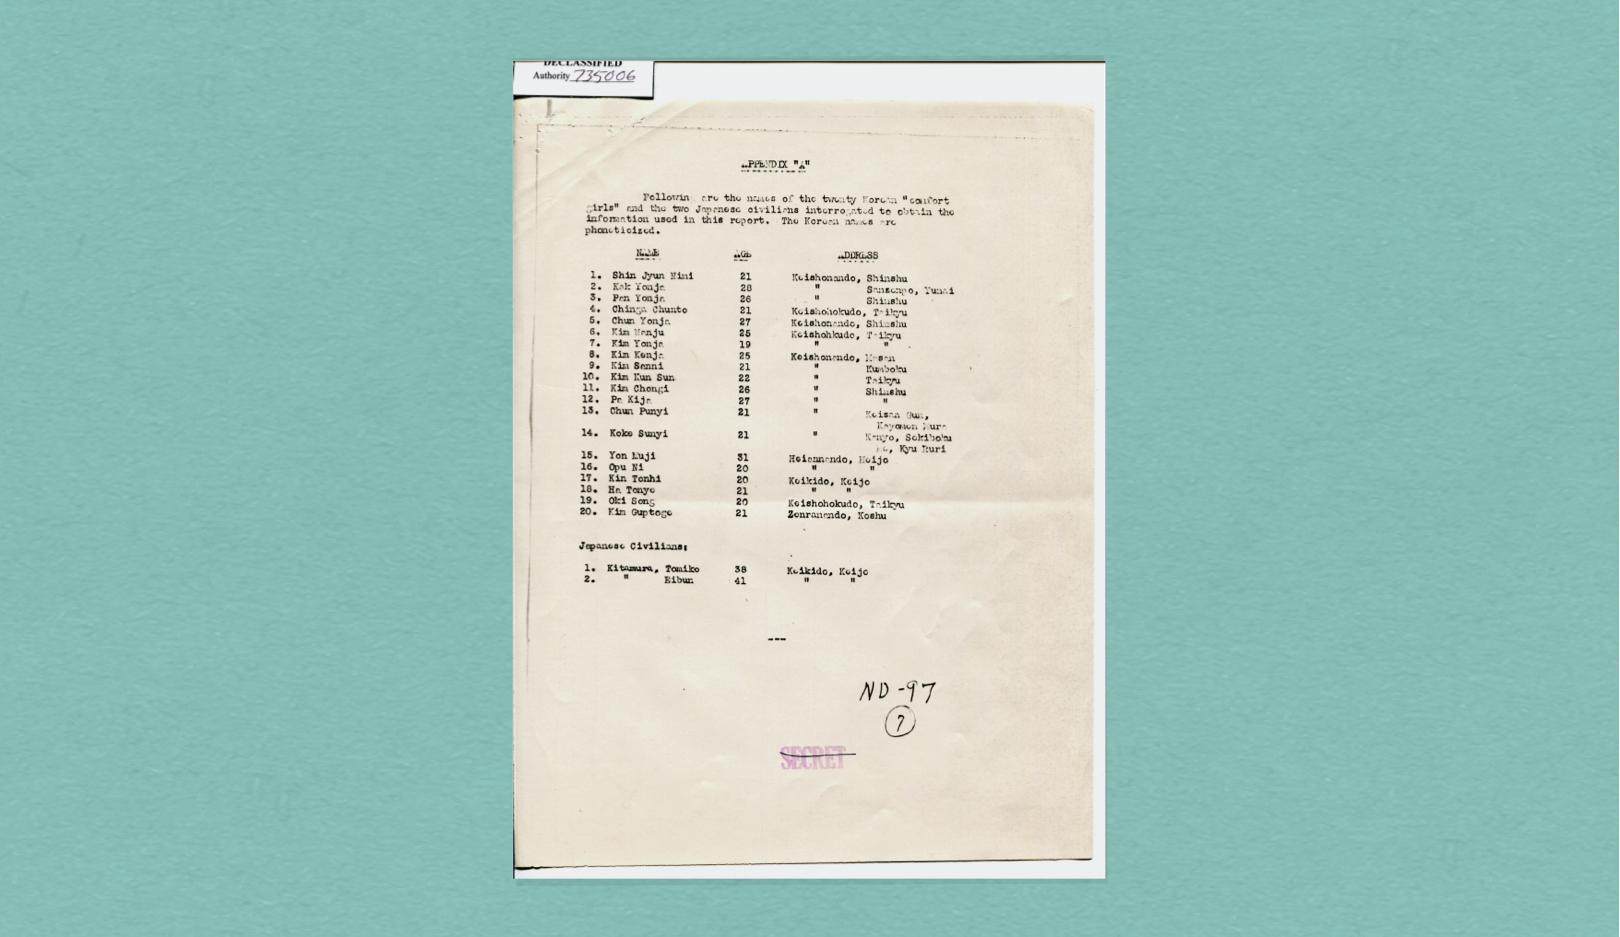 그림4. 「쿤밍의 조선인과 일본인 전쟁포로」에 실린 명단